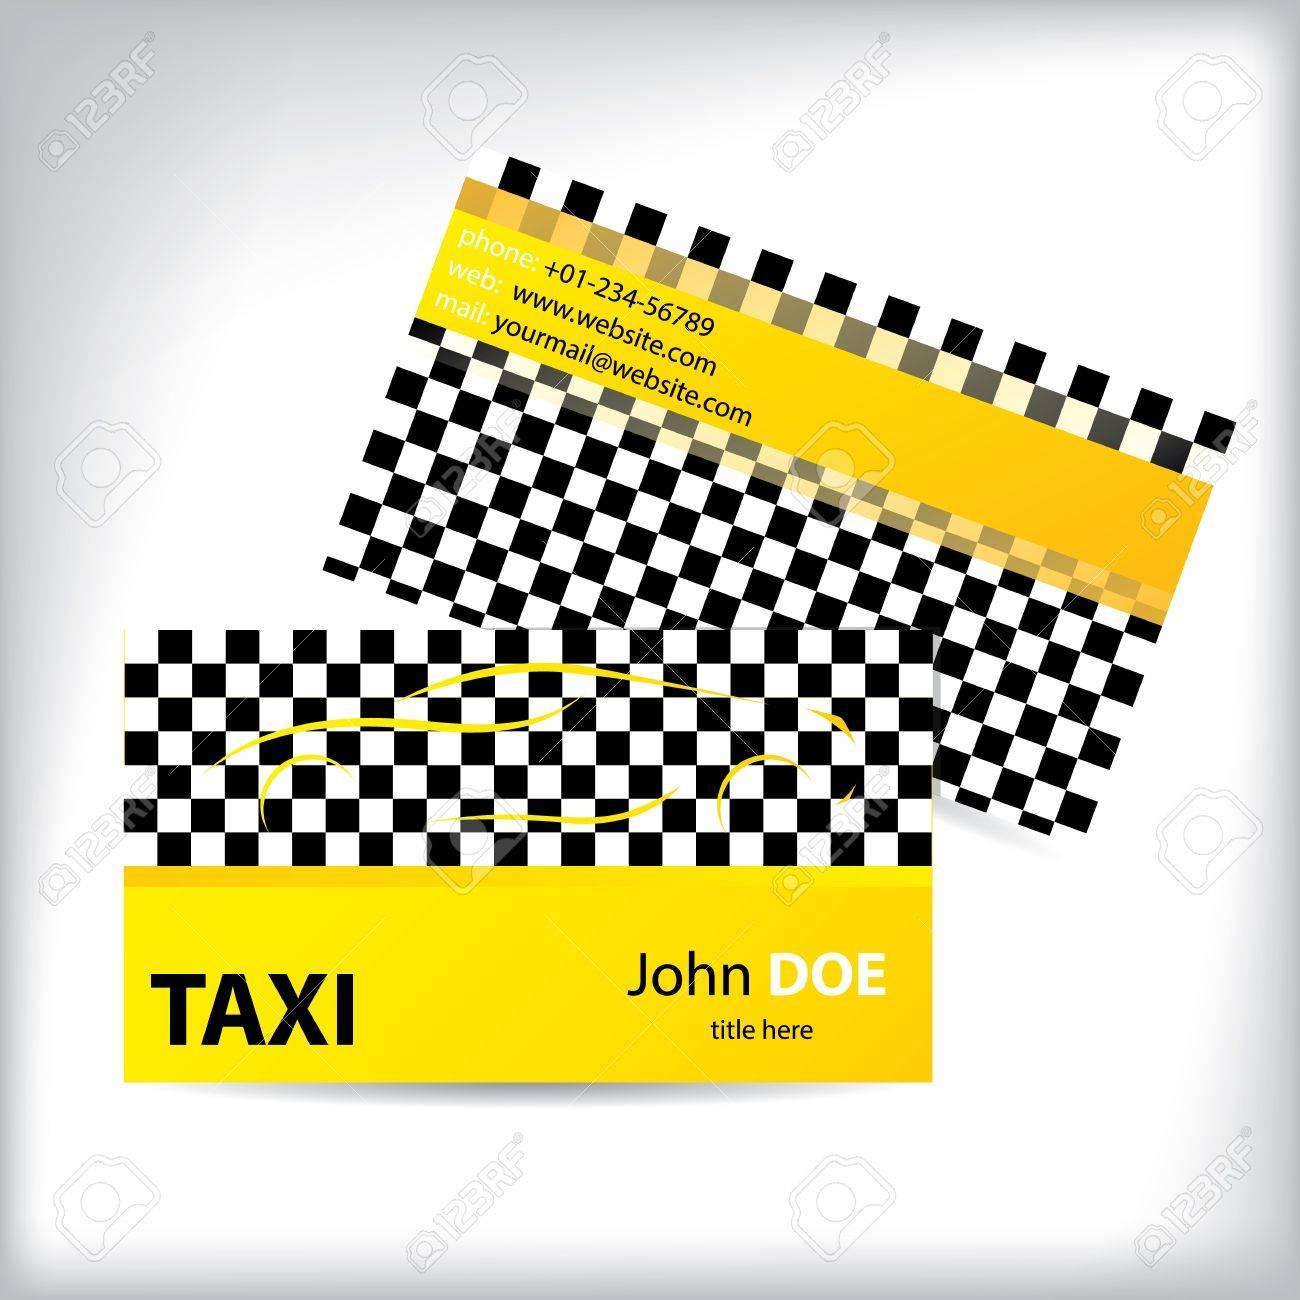 Damiers En Taxi Carte De Visite Conception Ideale Pour Les